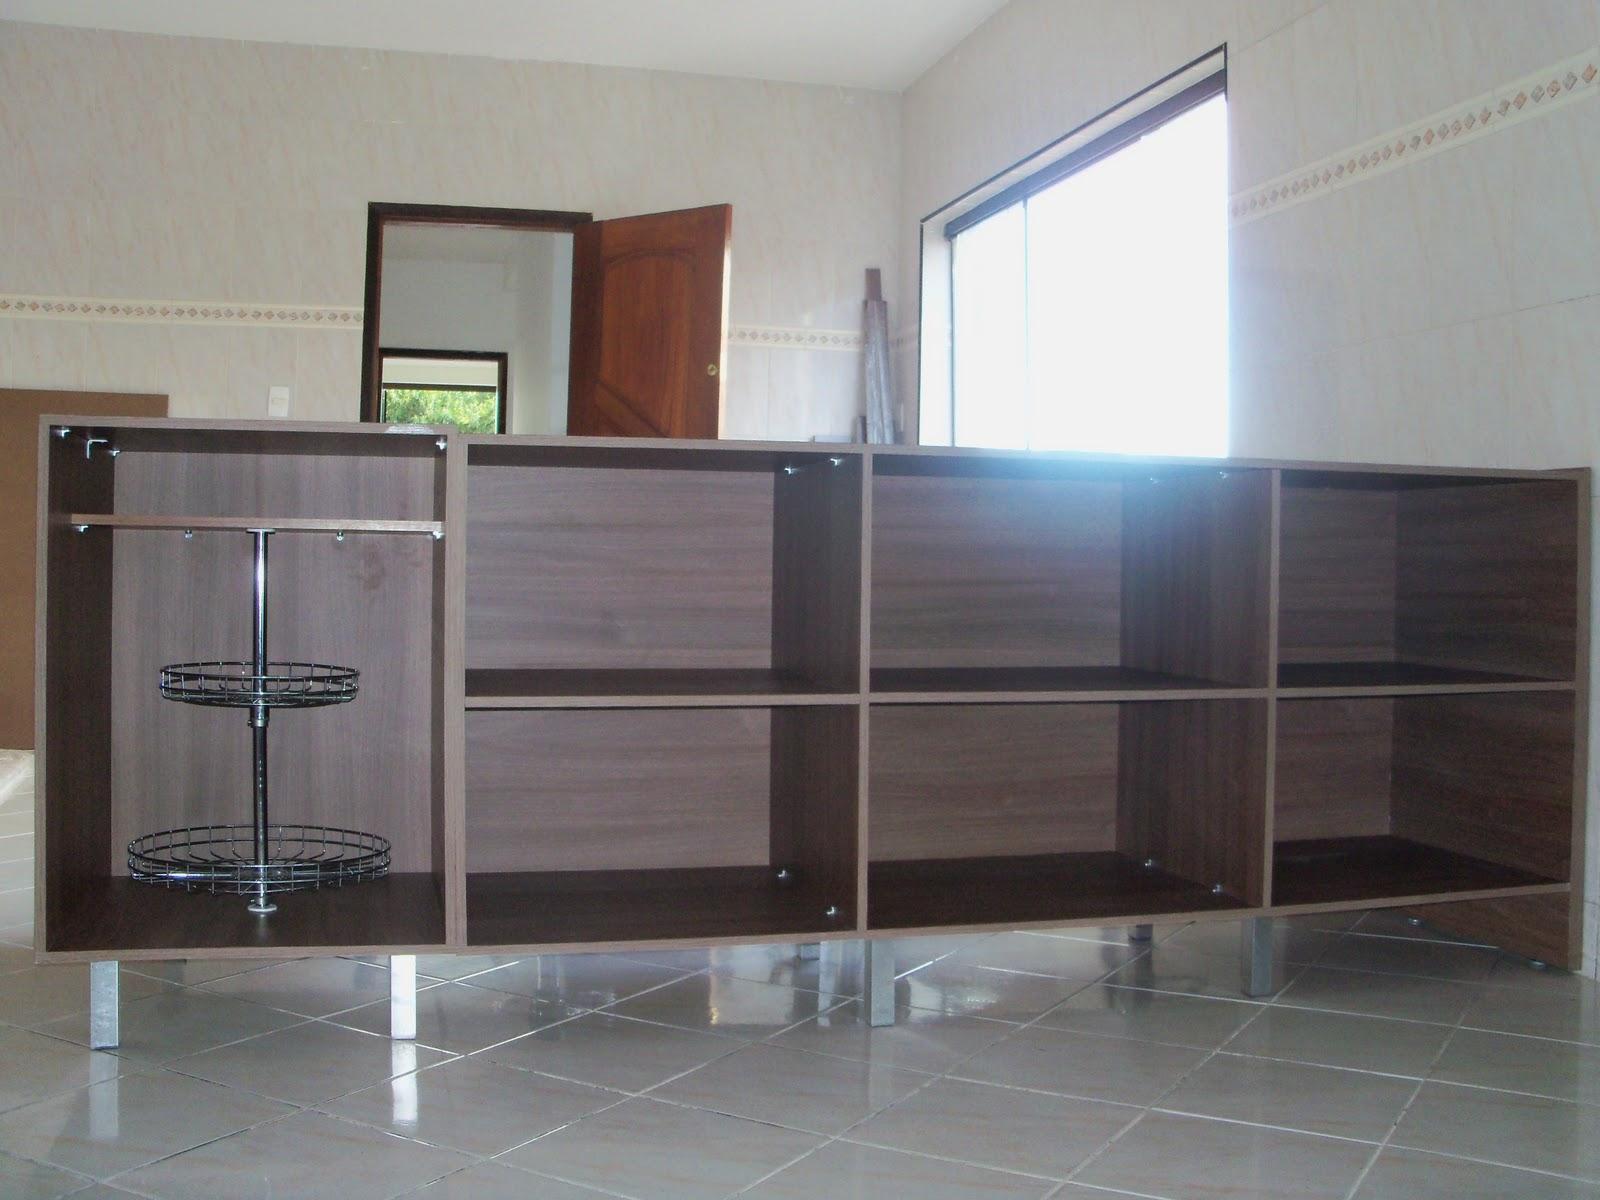 Garcia Design em Madeira: Trabalhos de Marcenaria #4E697D 1600x1200